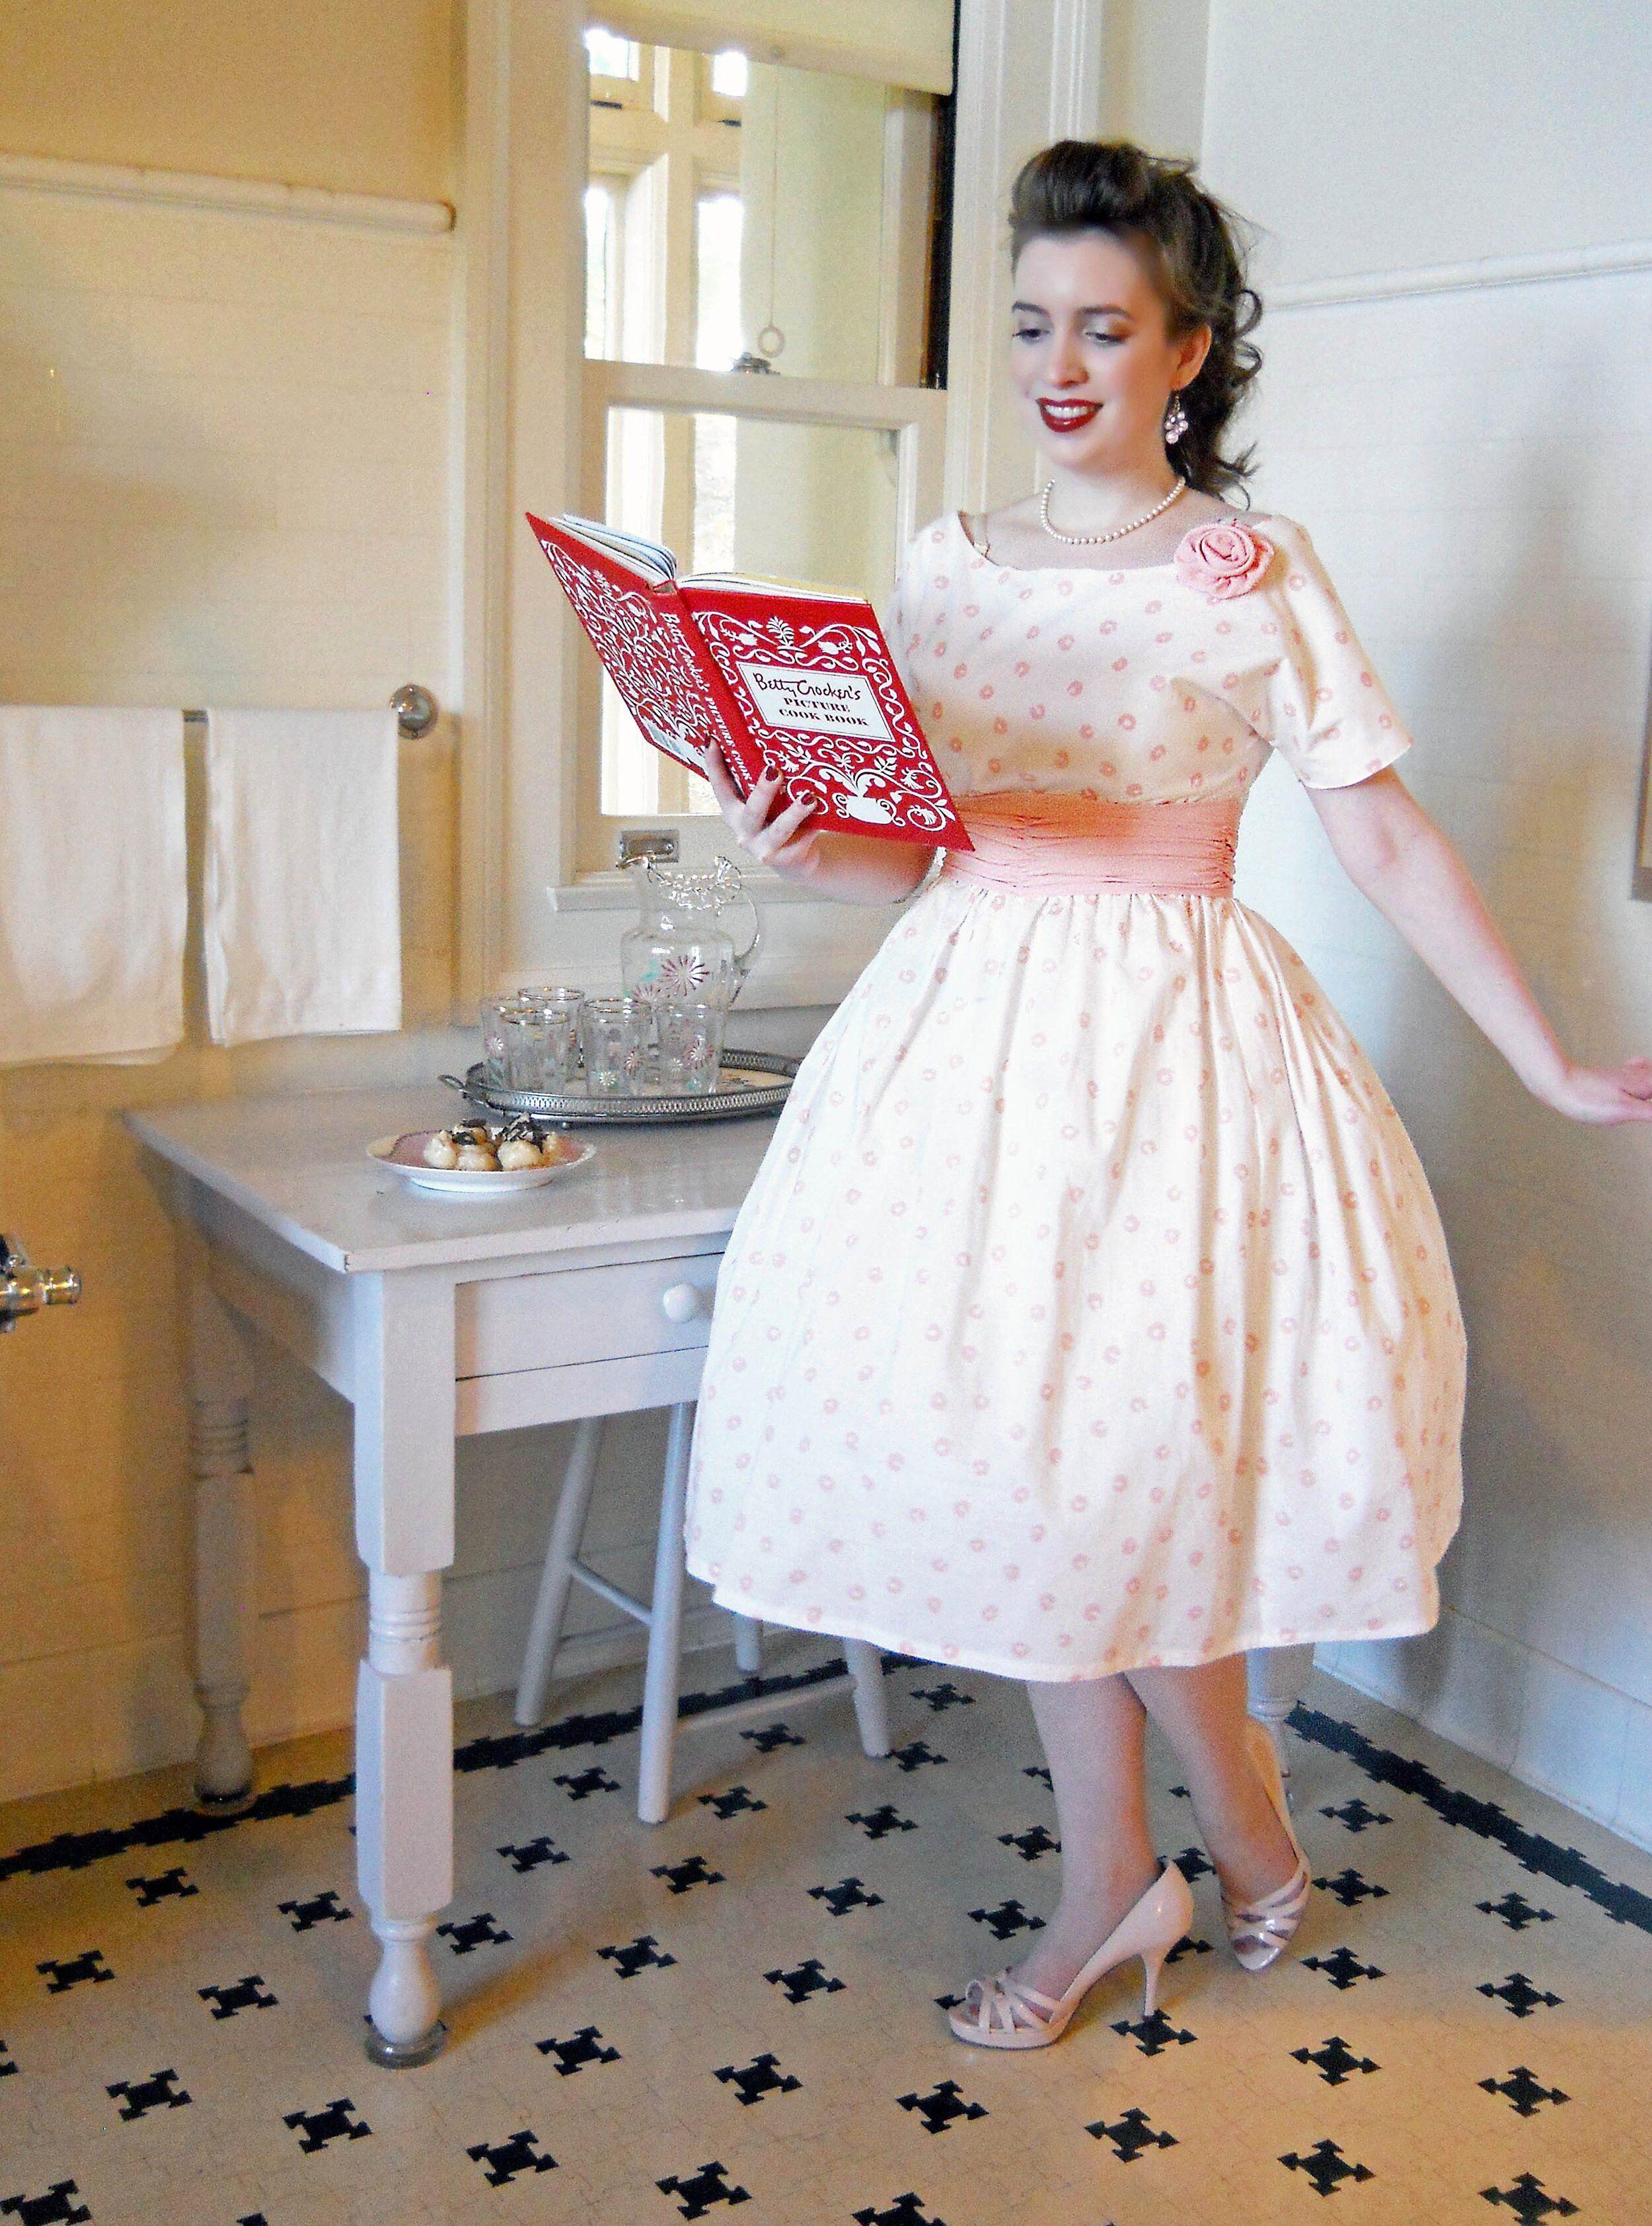 Ladies 1958 Party Dress Pattern Sense Sensibility Patterns Party Dress Patterns Fashion Dresses [ 3369 x 2500 Pixel ]